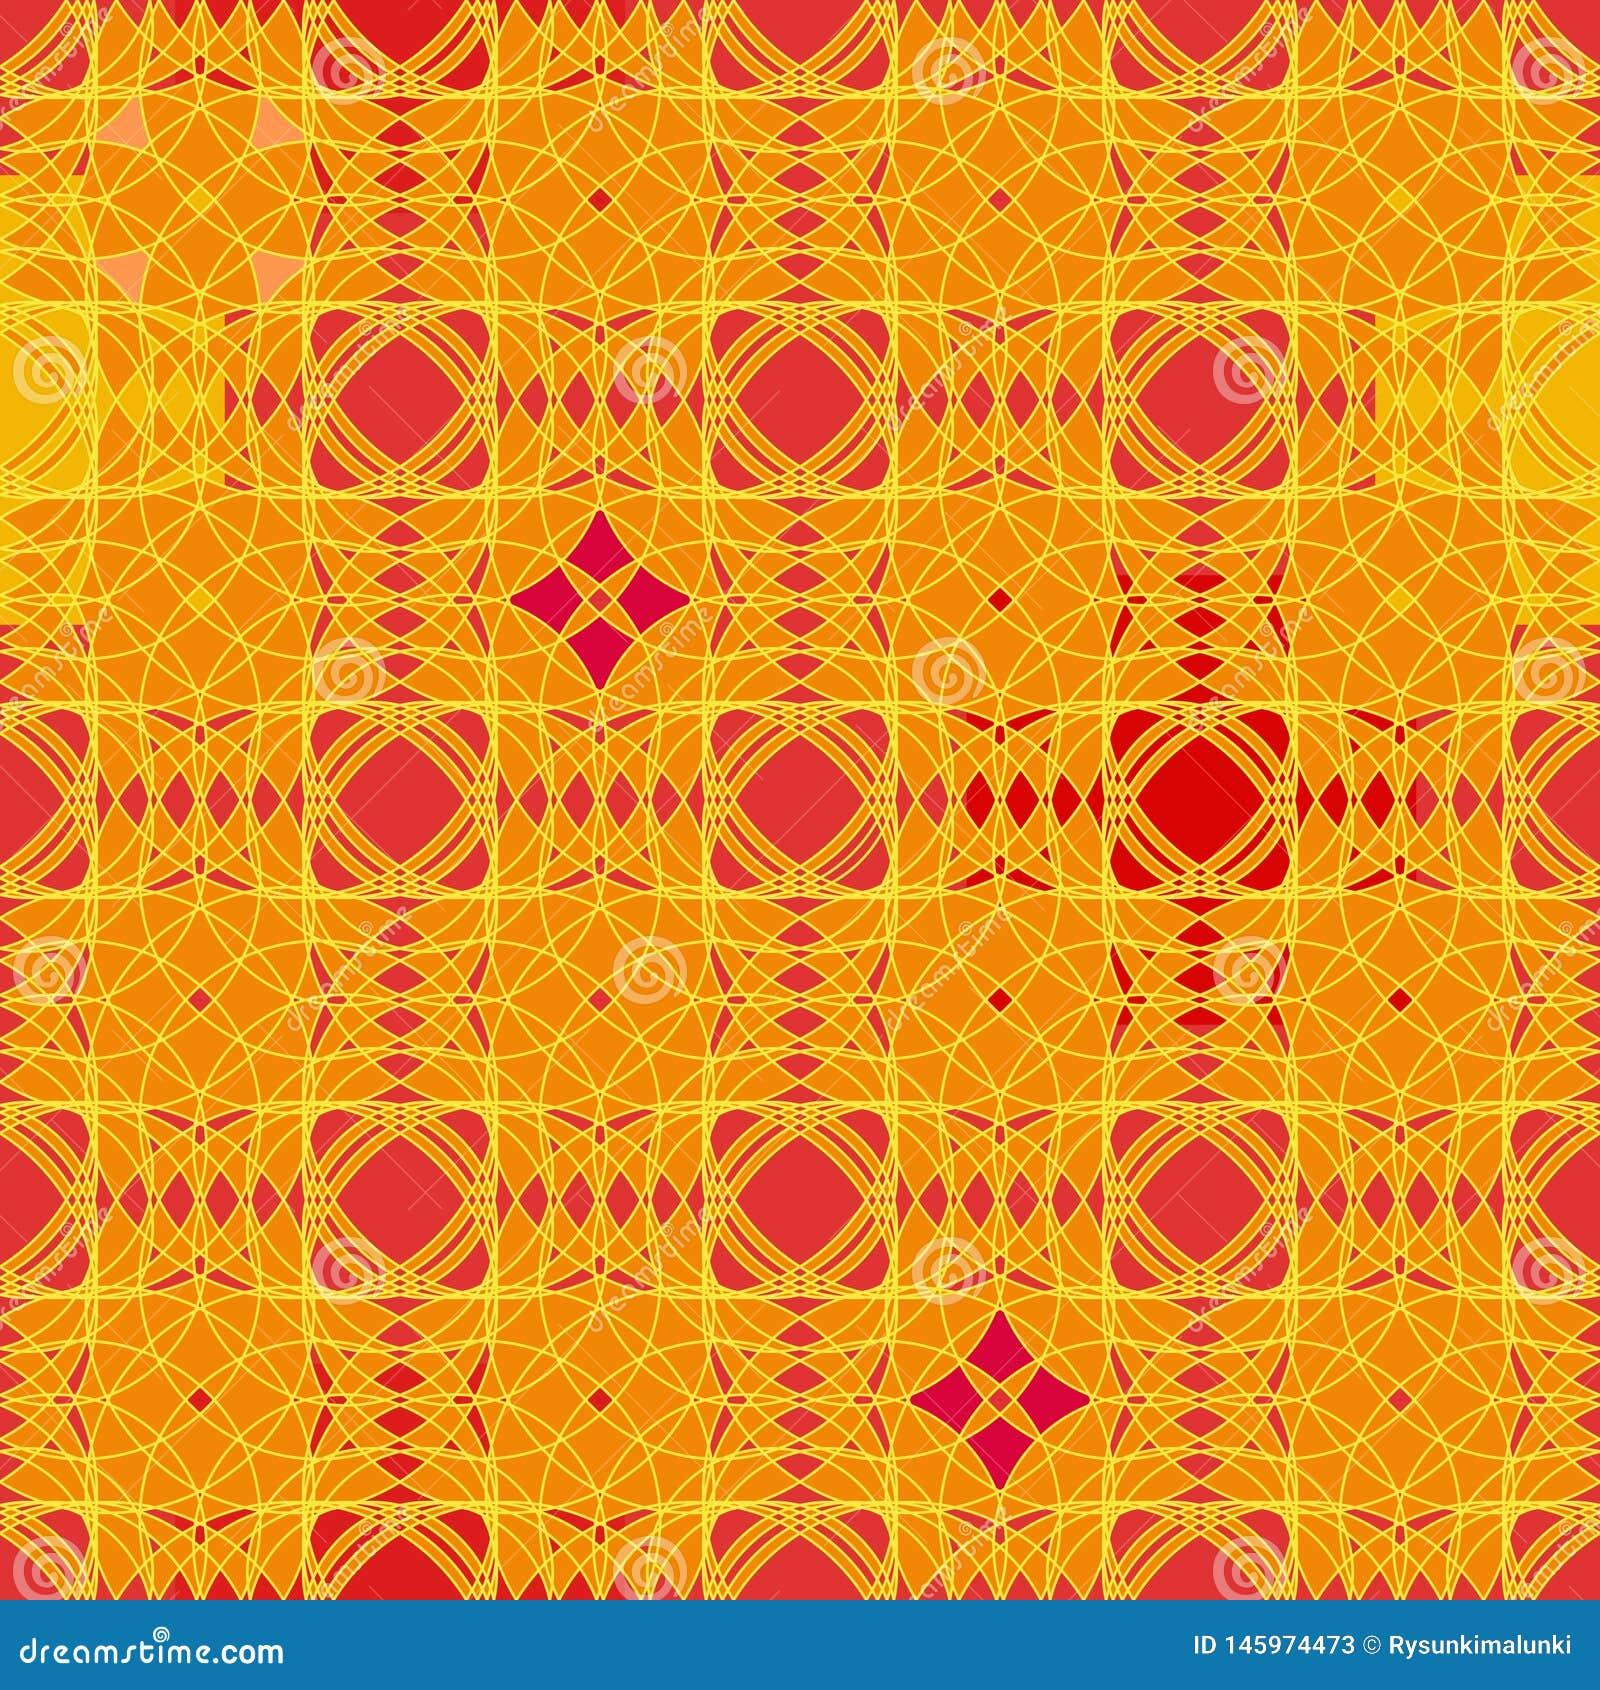 Naadloos vector abstract geometrisch patroon in levendige oranjerood en geel